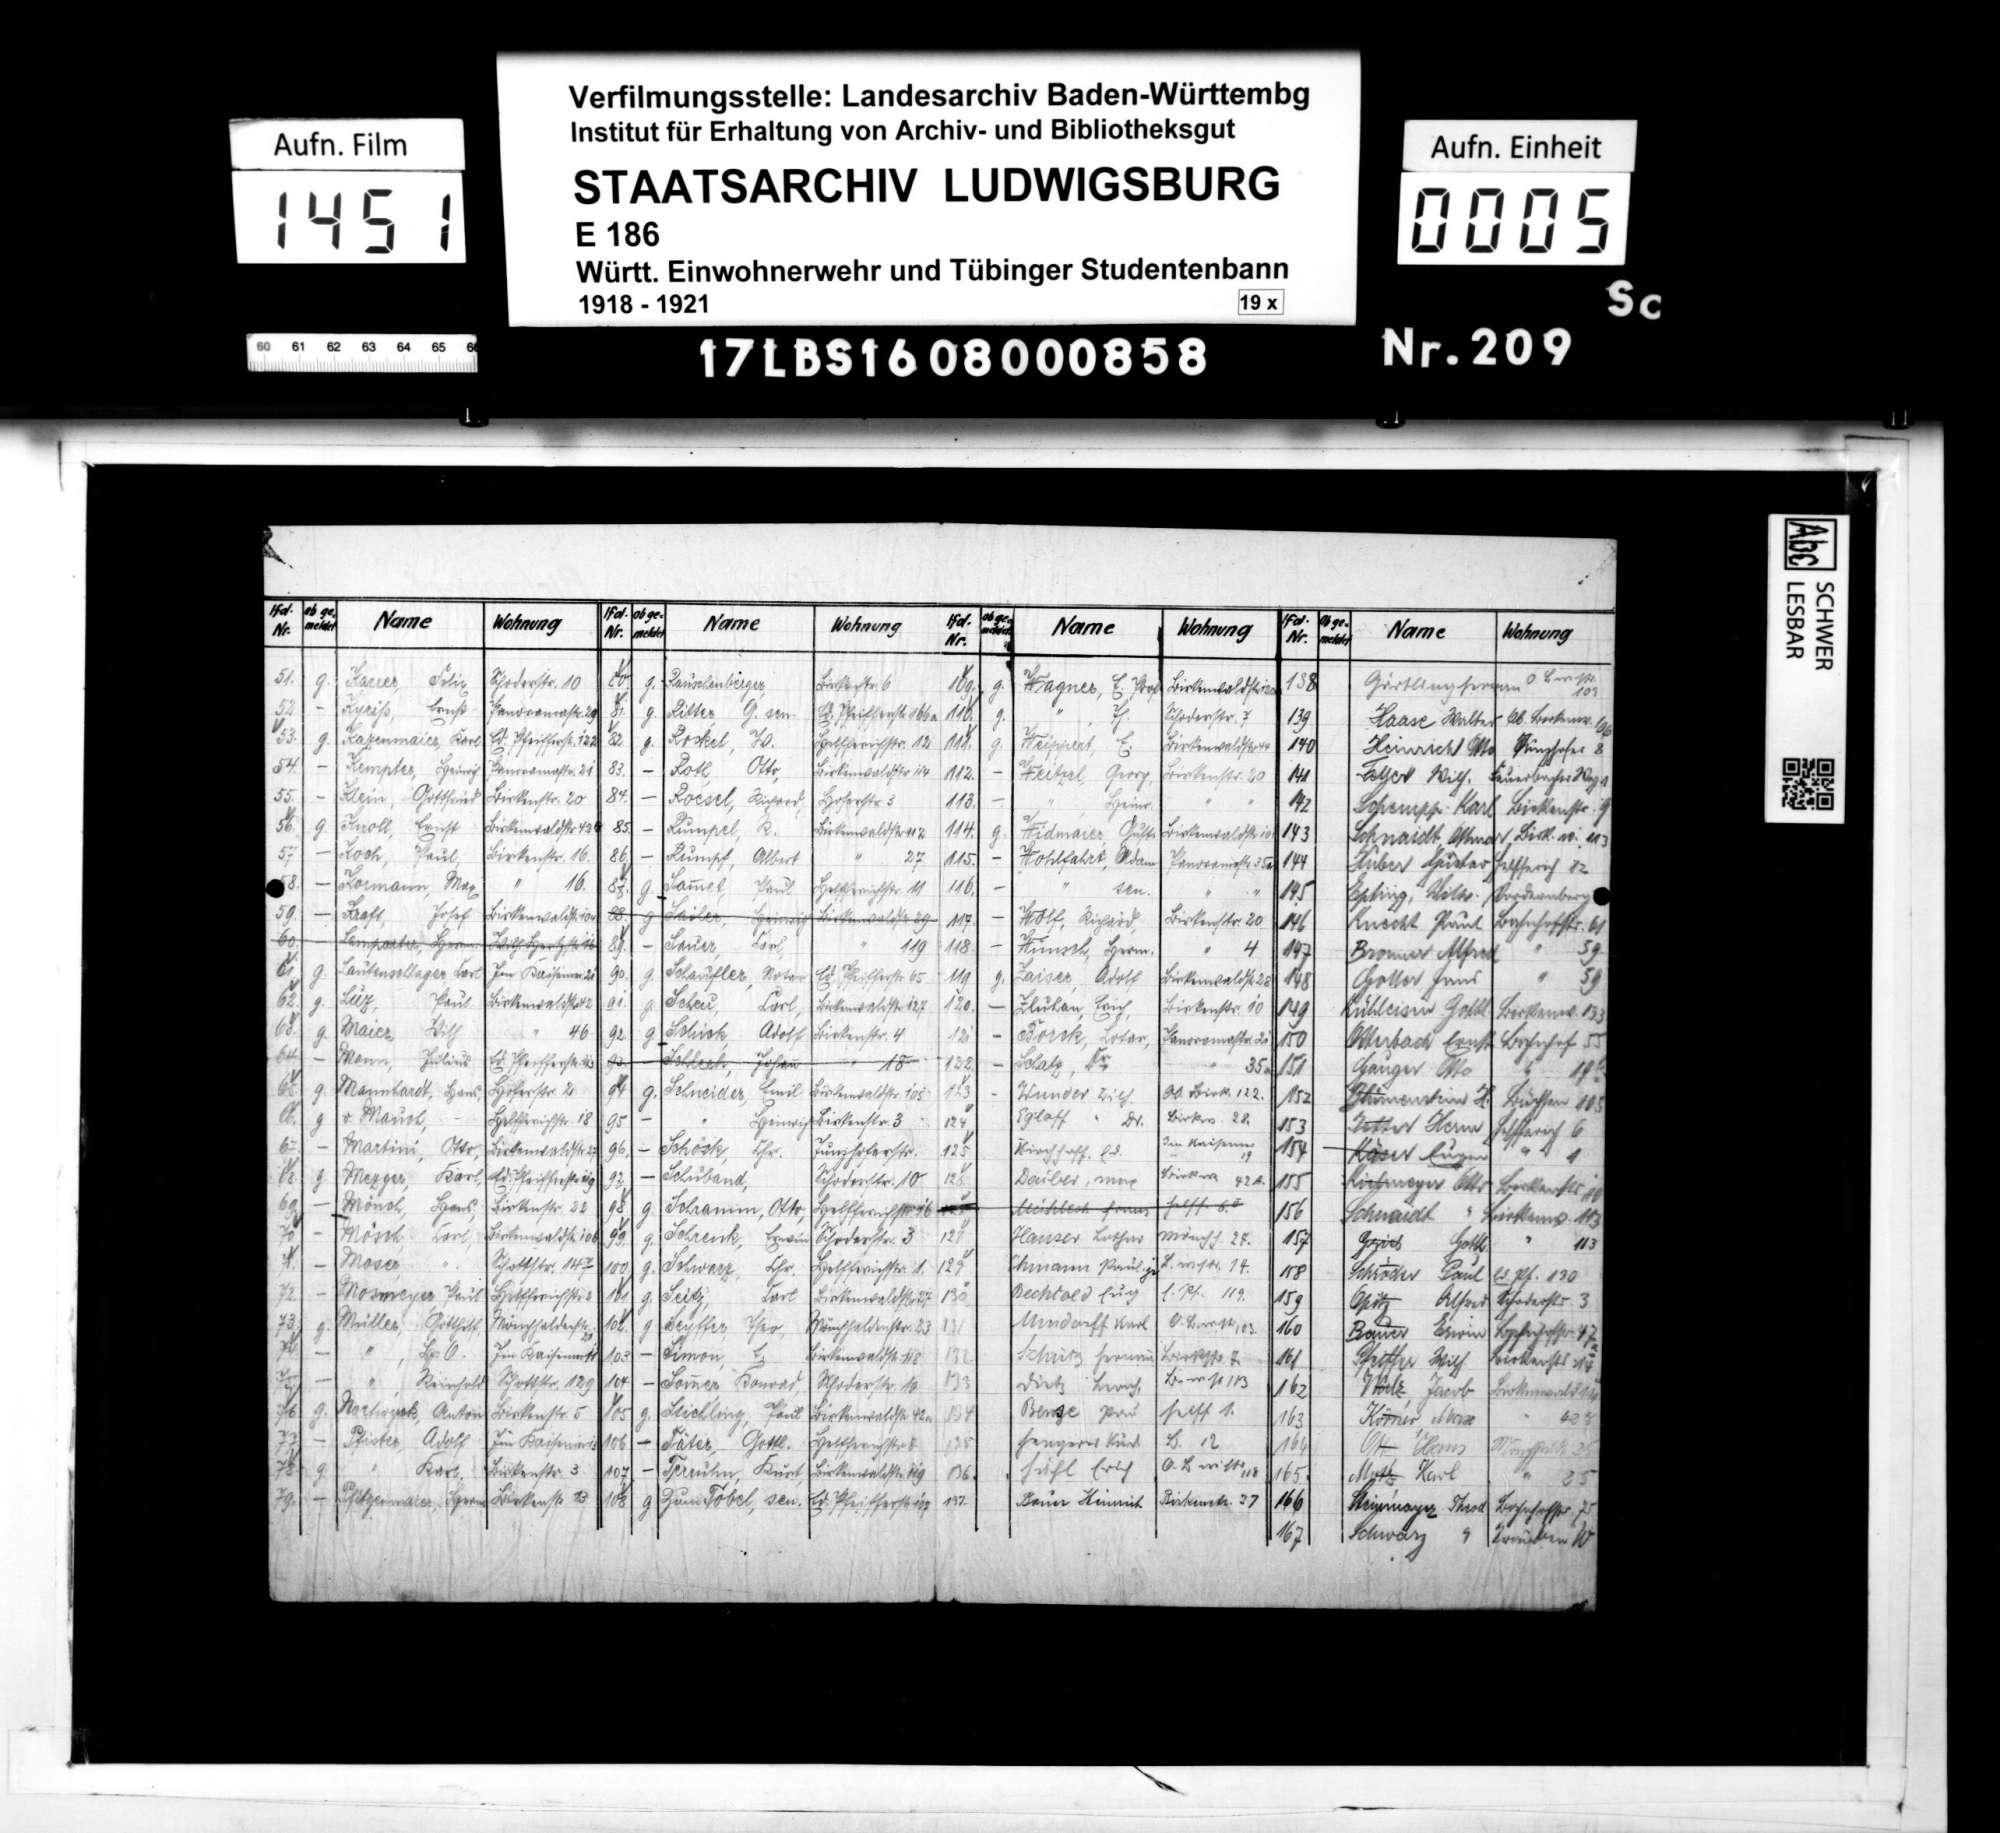 Bann 7/Schar 2 (Birkenwald): Namenslisten mit Materialausgabequittungen, Bild 3